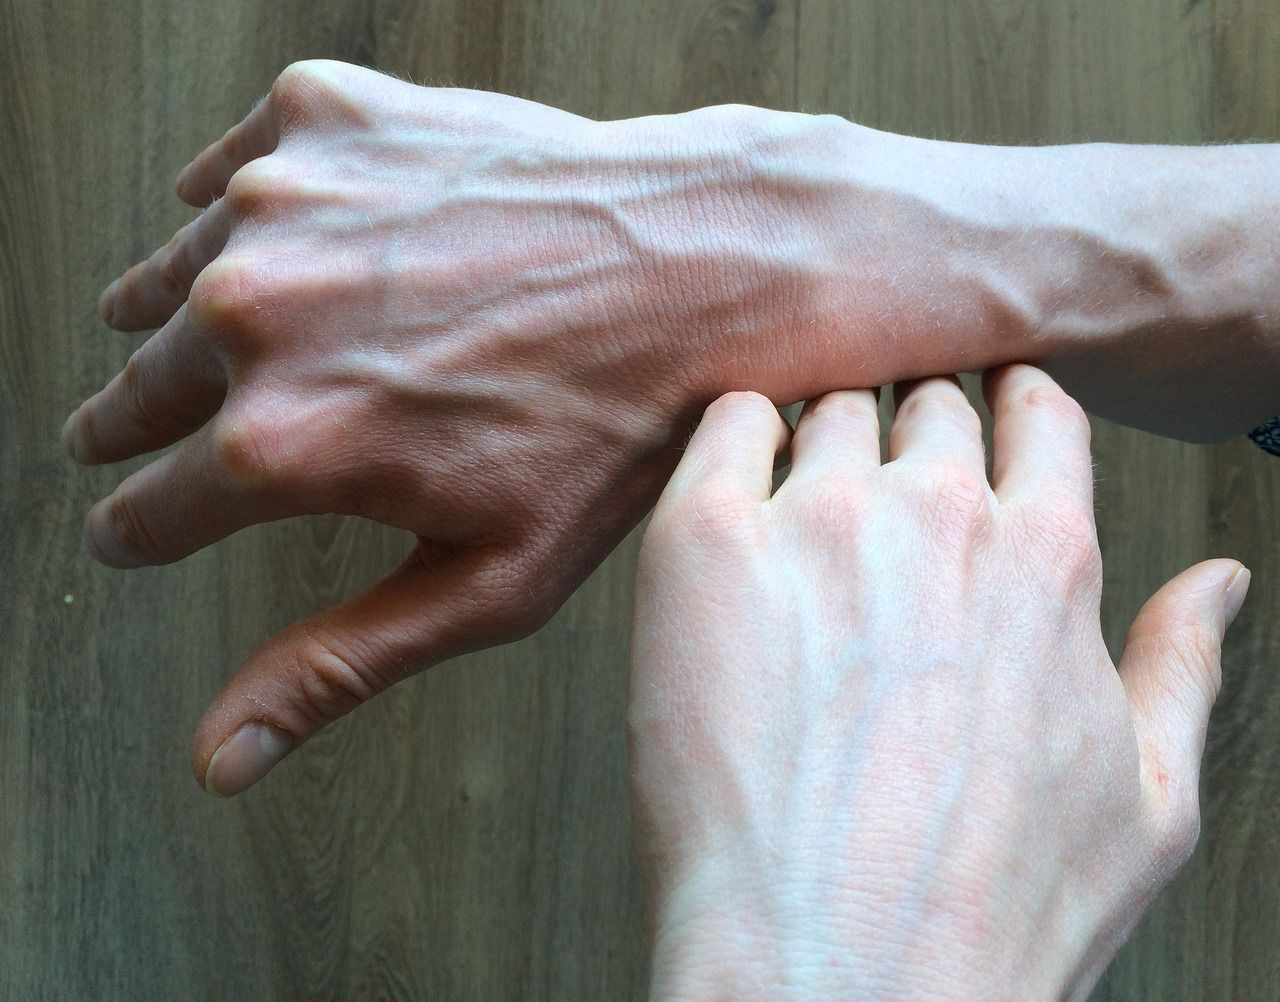 Veiny Hands Hands Male Hands Holding Hands